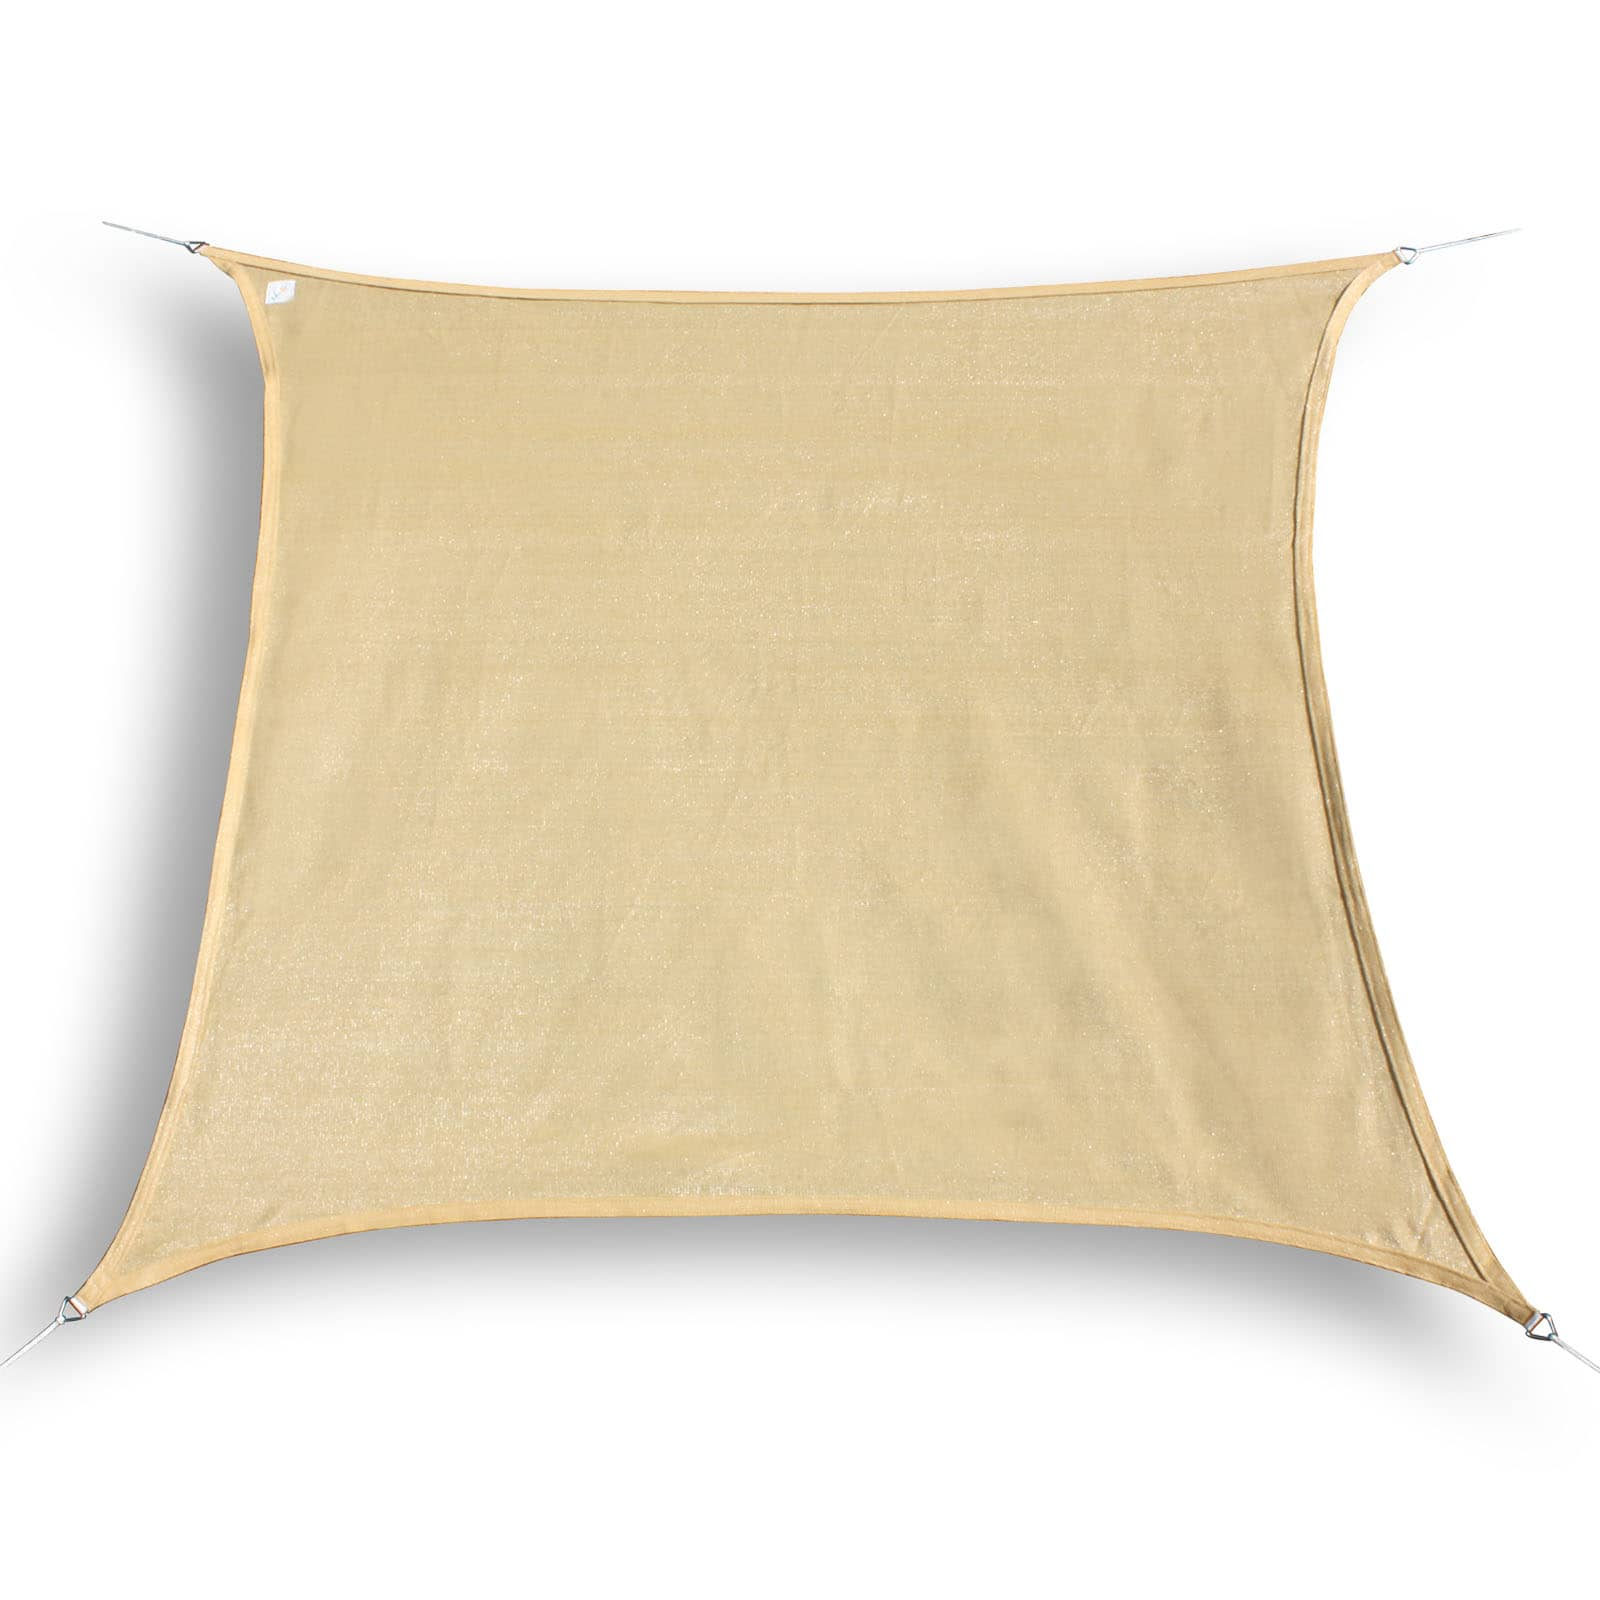 hanSe® Schaduwdoek Vierkant Waterdoorlatend 3,6x3,6 m - Zand